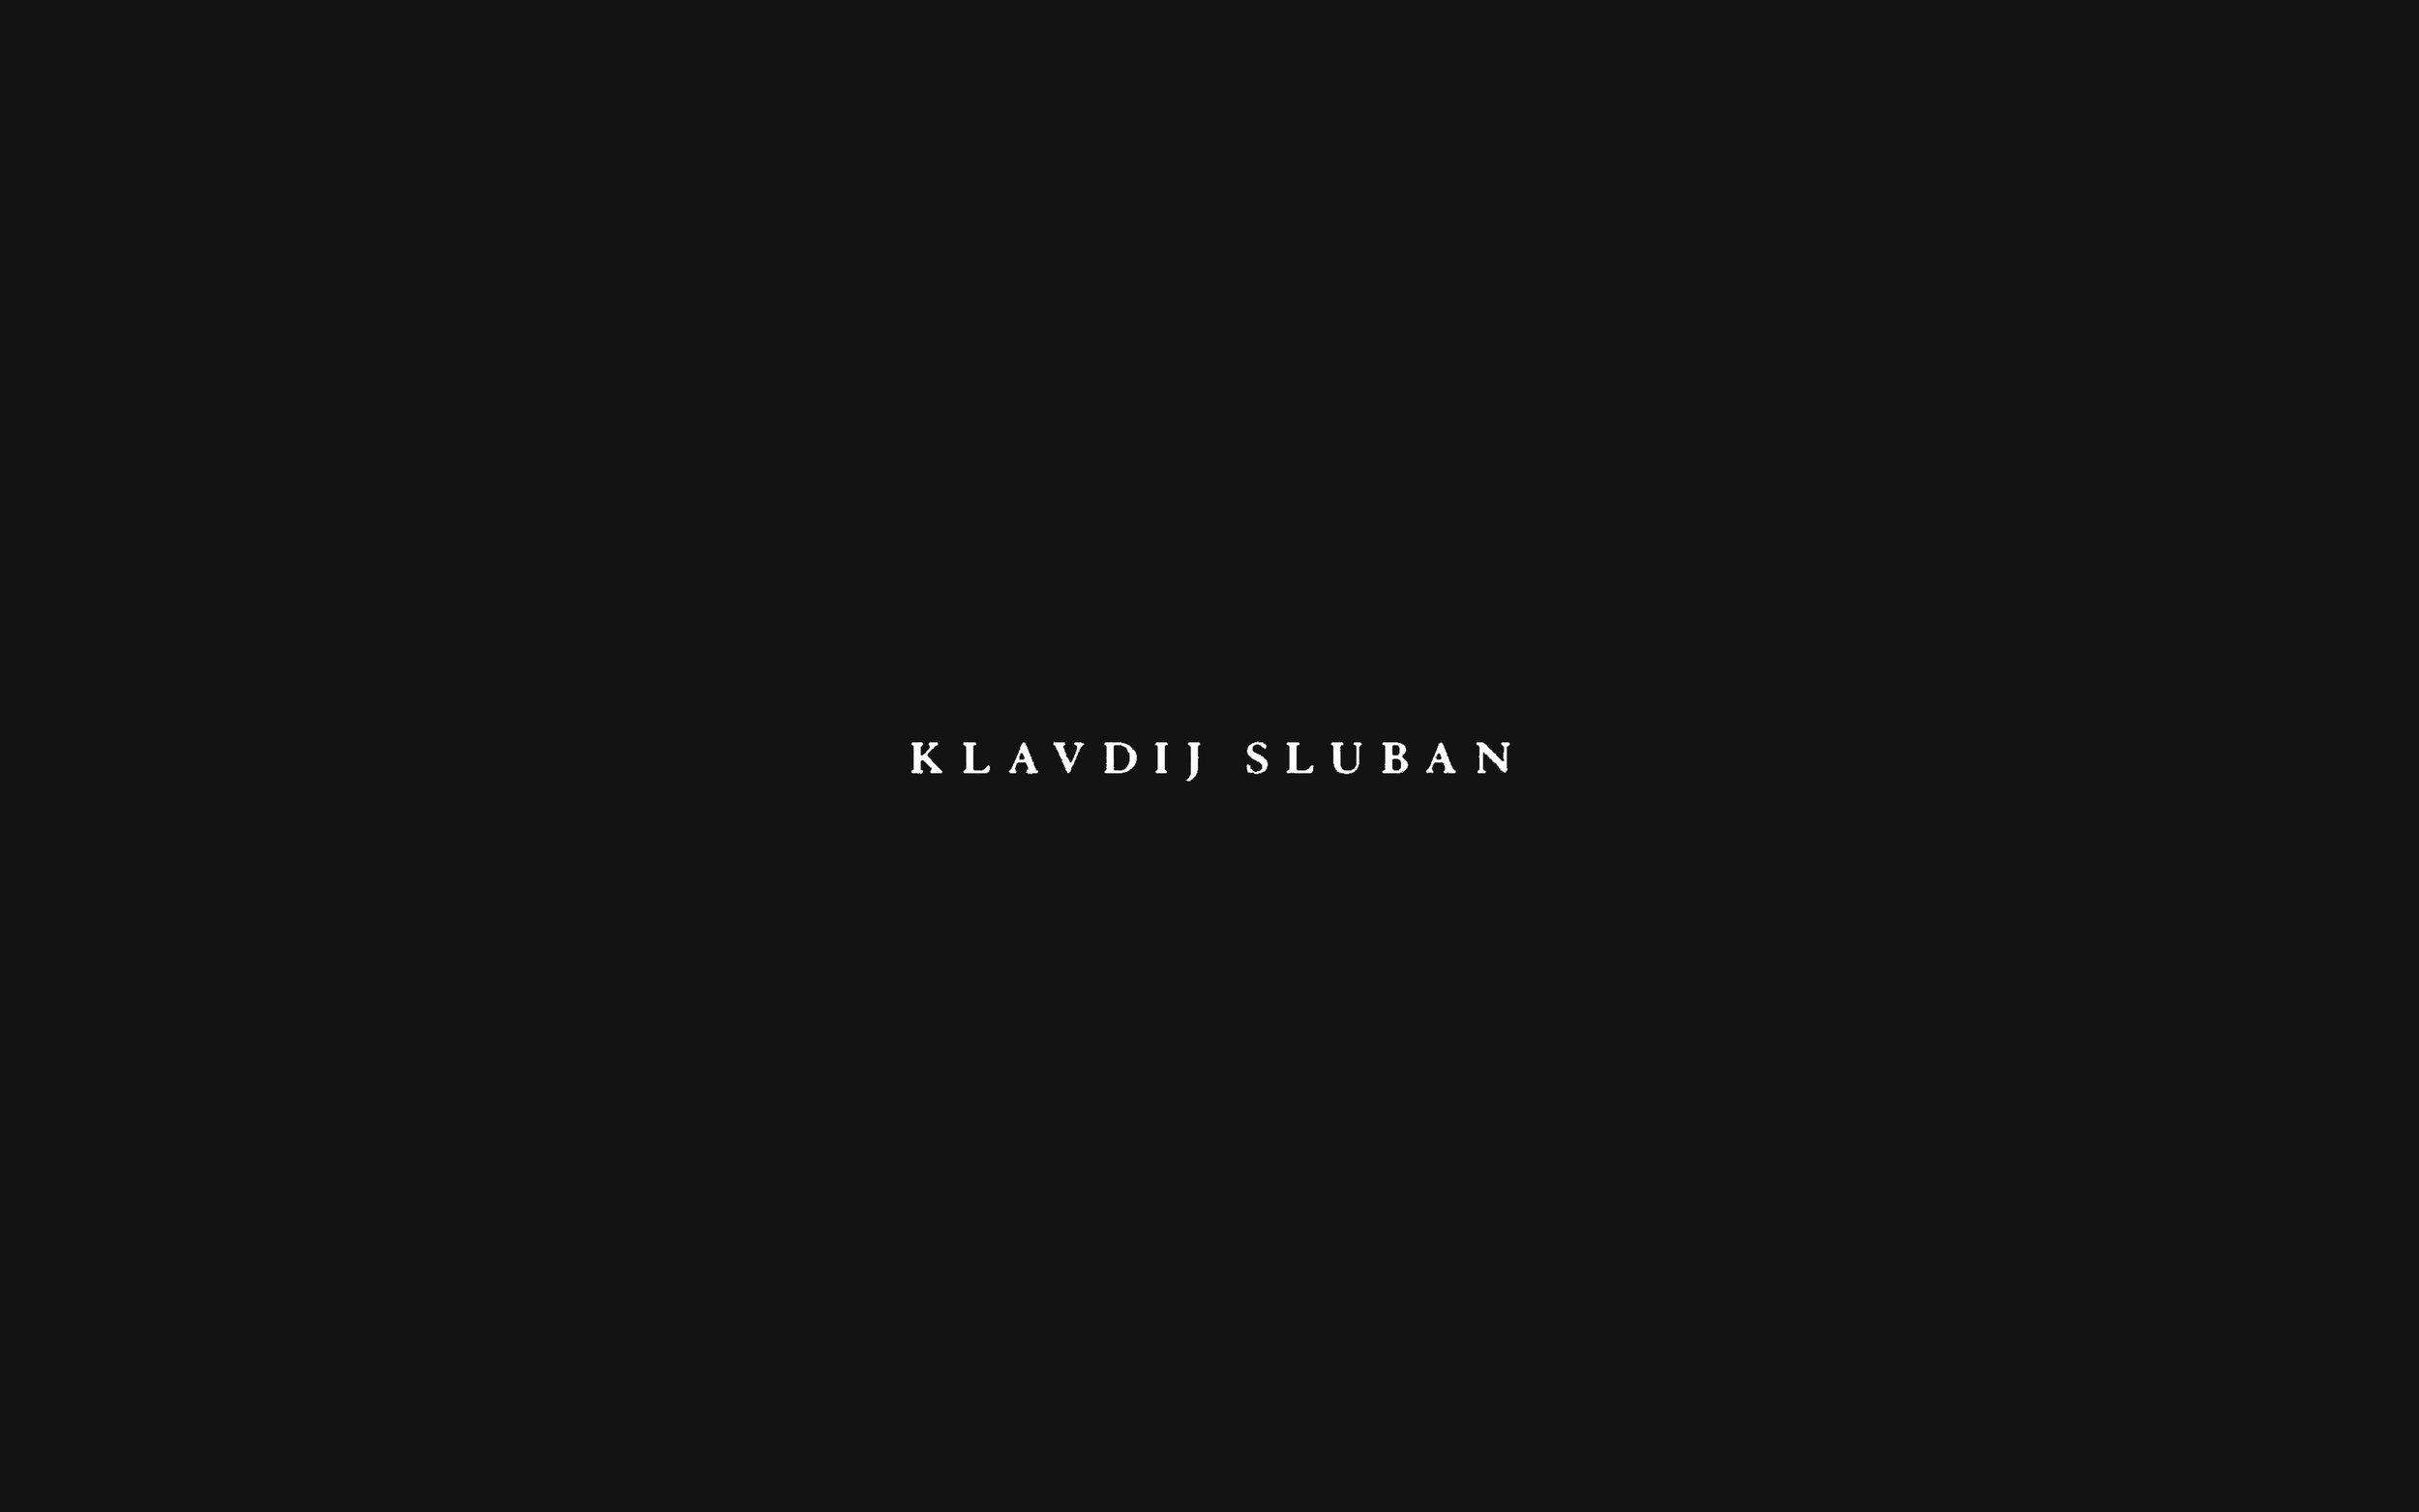 1C__Klavdij_Sluban_00.jpg